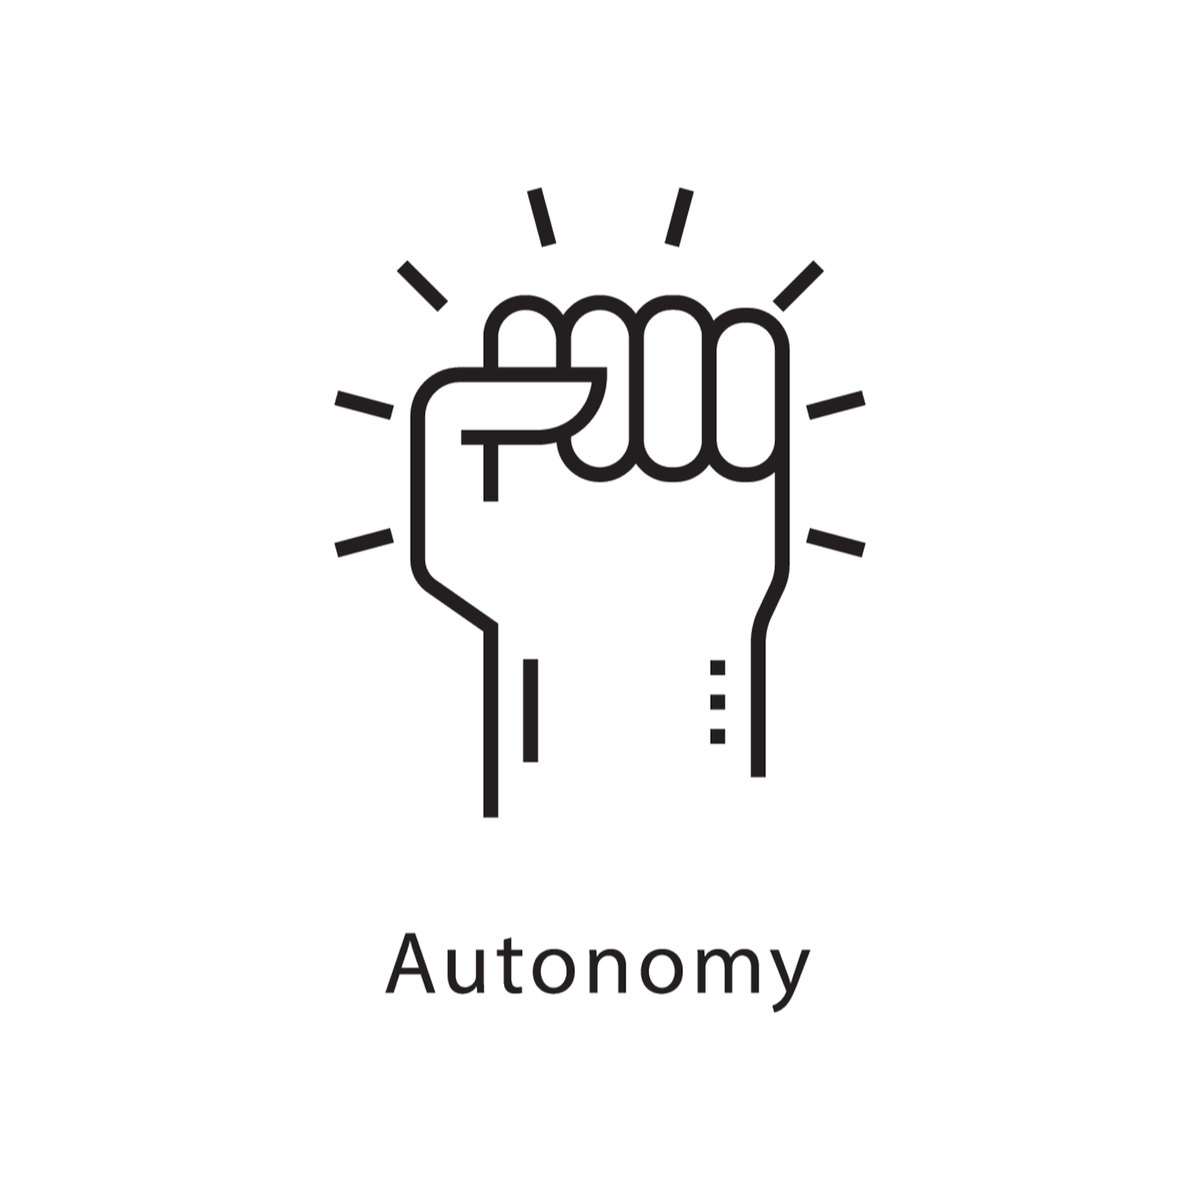 Kevin pense qu'il est autonome en général. Que signifie être autonome selon vous ?